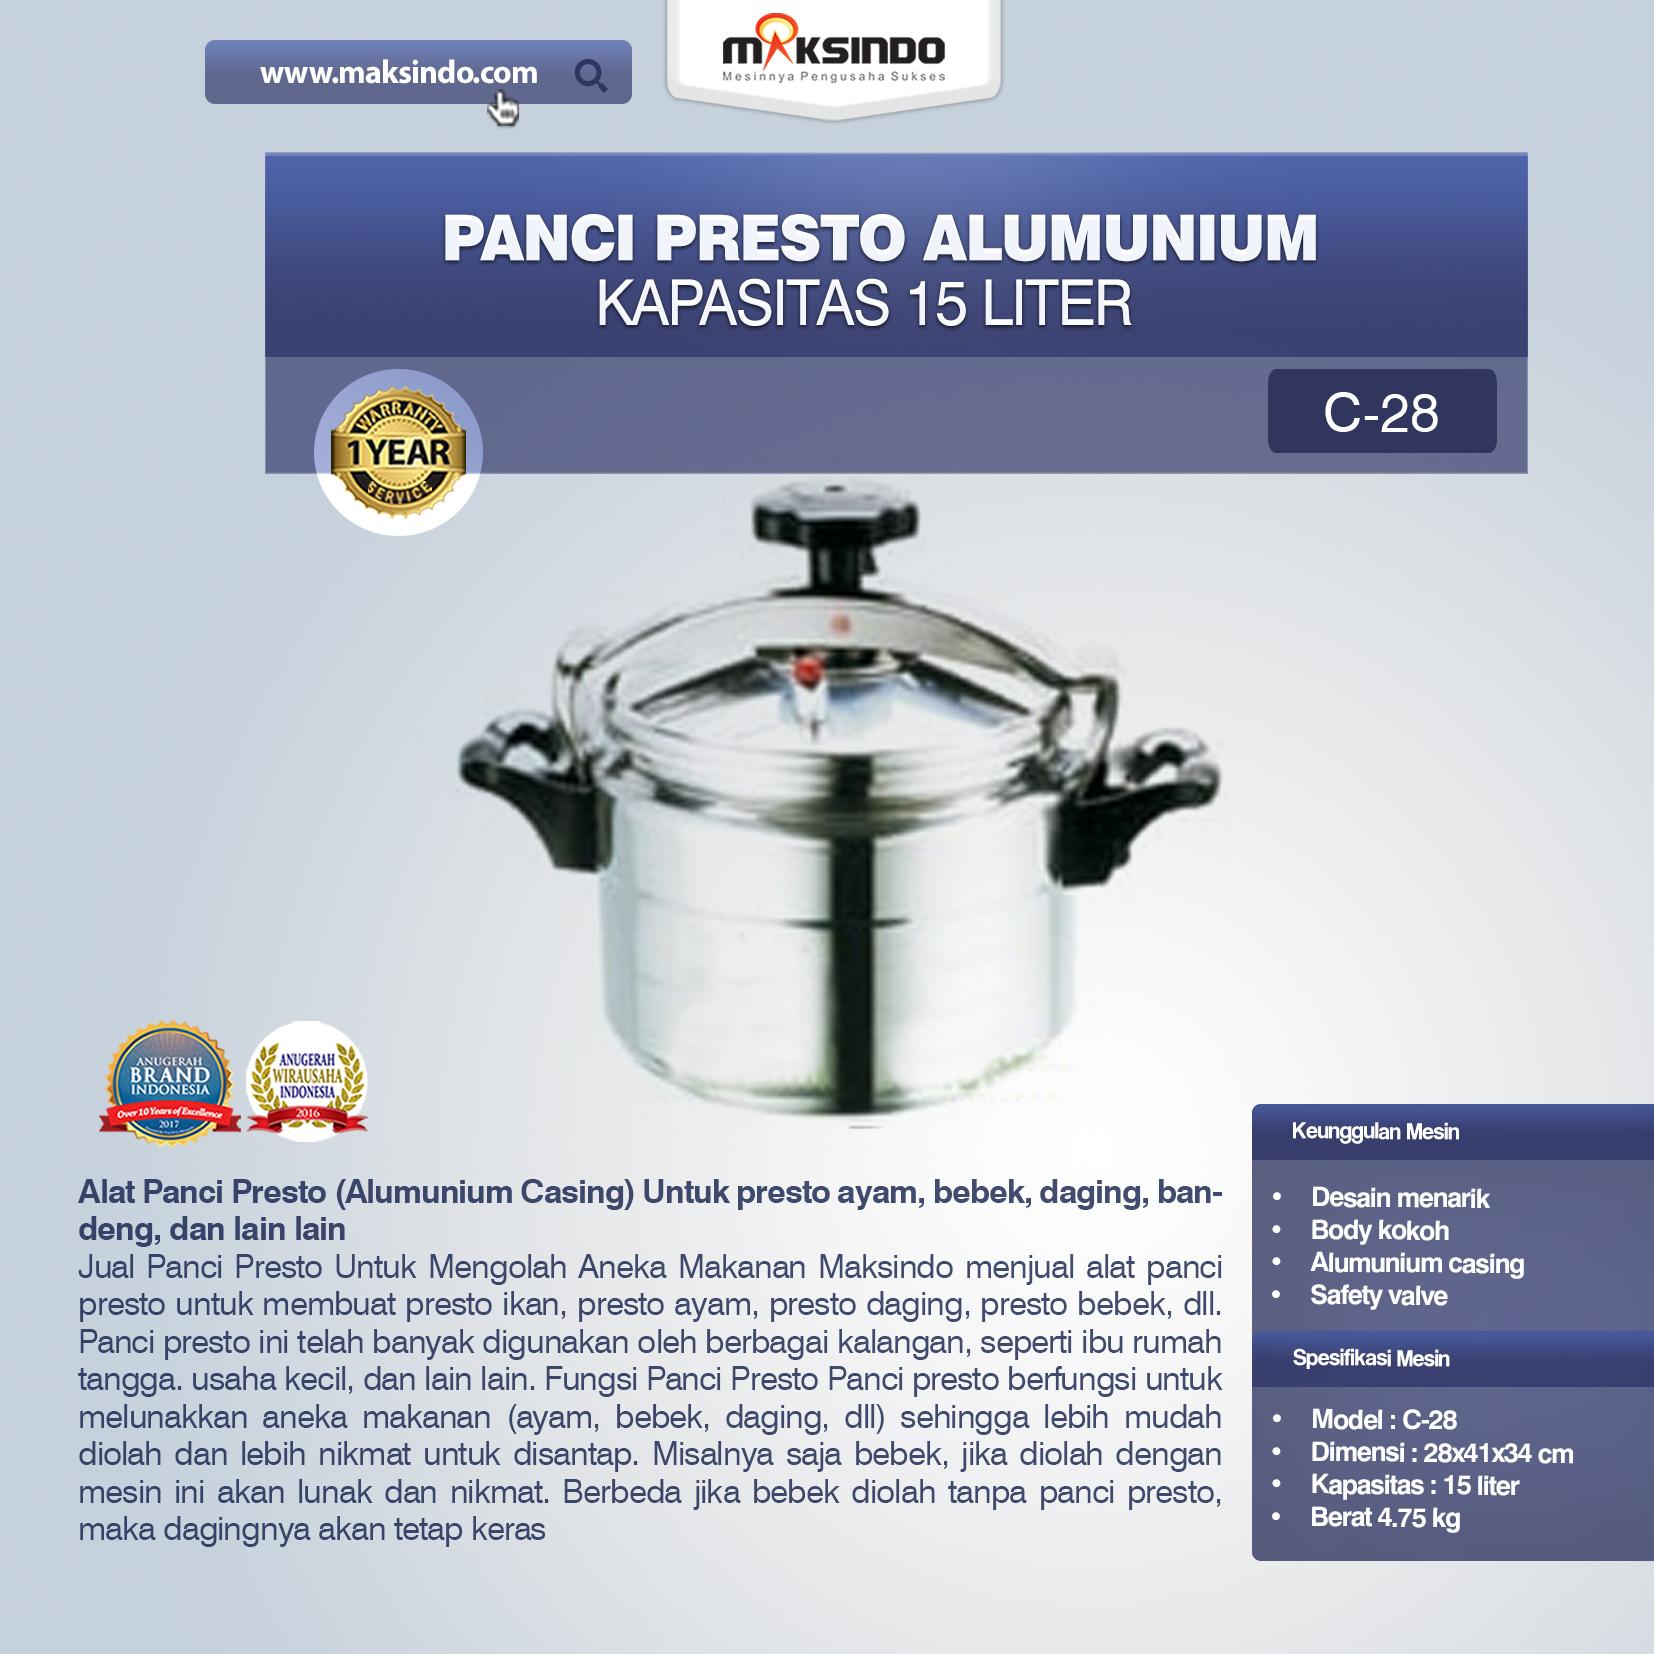 Jual Alat Panci Presto di Palembang